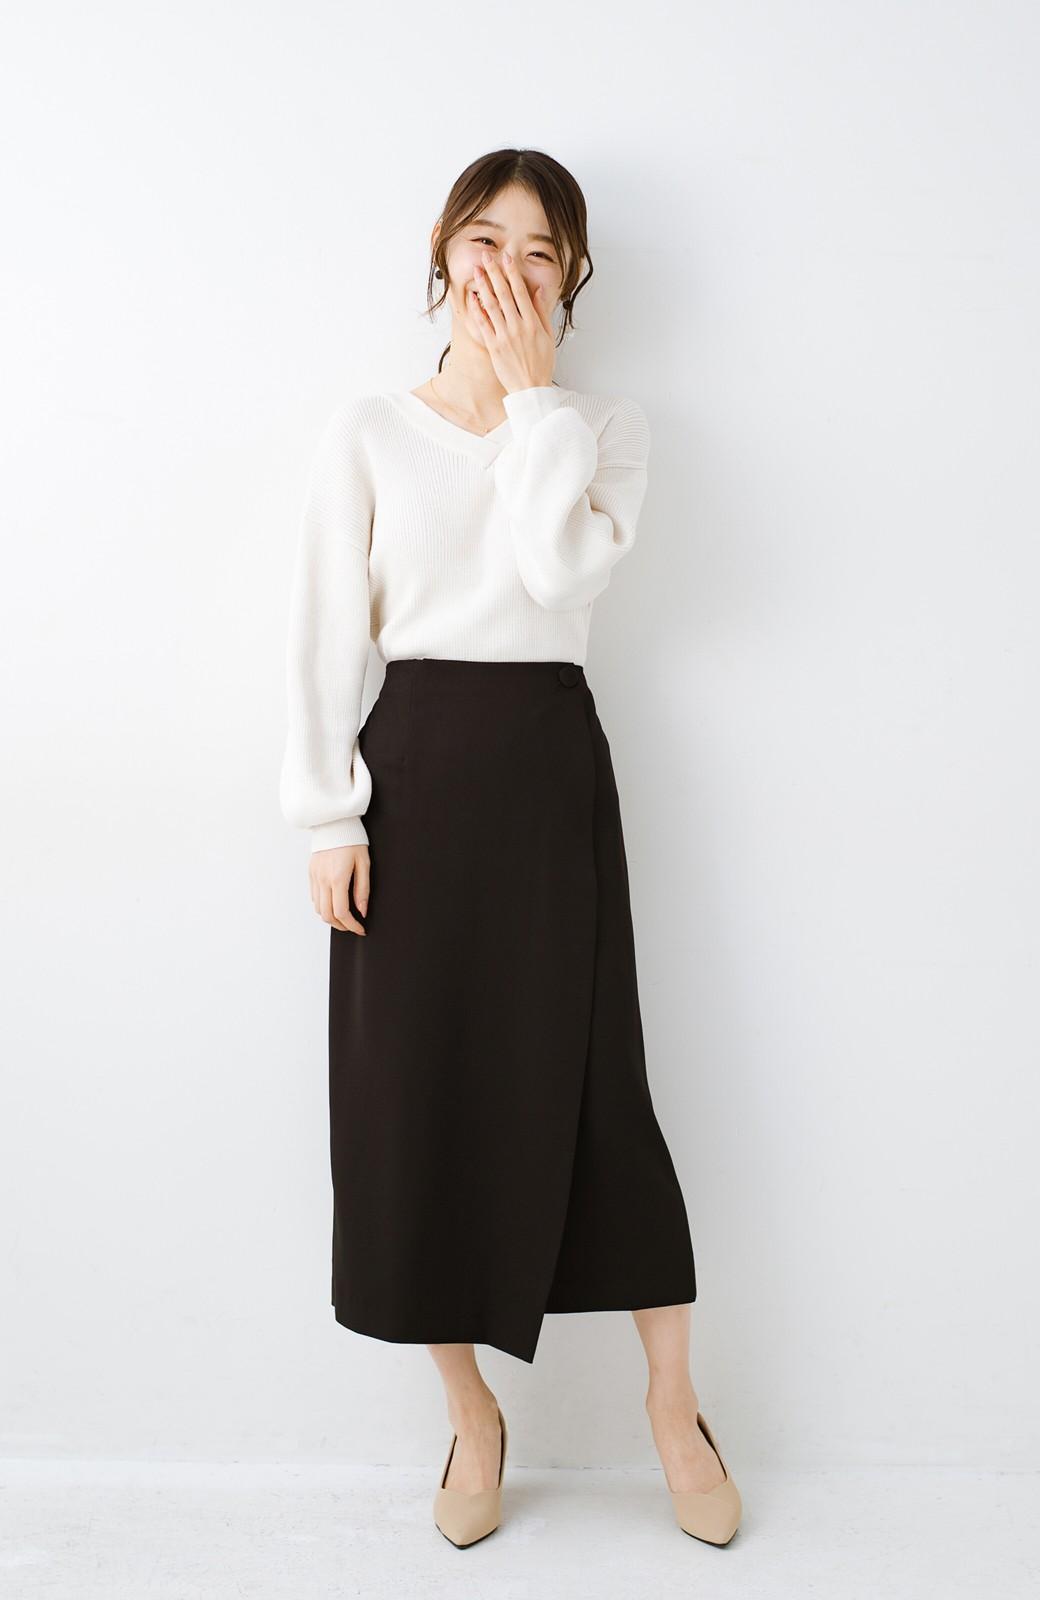 haco! いざというとき困らないための 大人のフォーマルジャケット・スカート2点セット by que made me <ブラック>の商品写真13